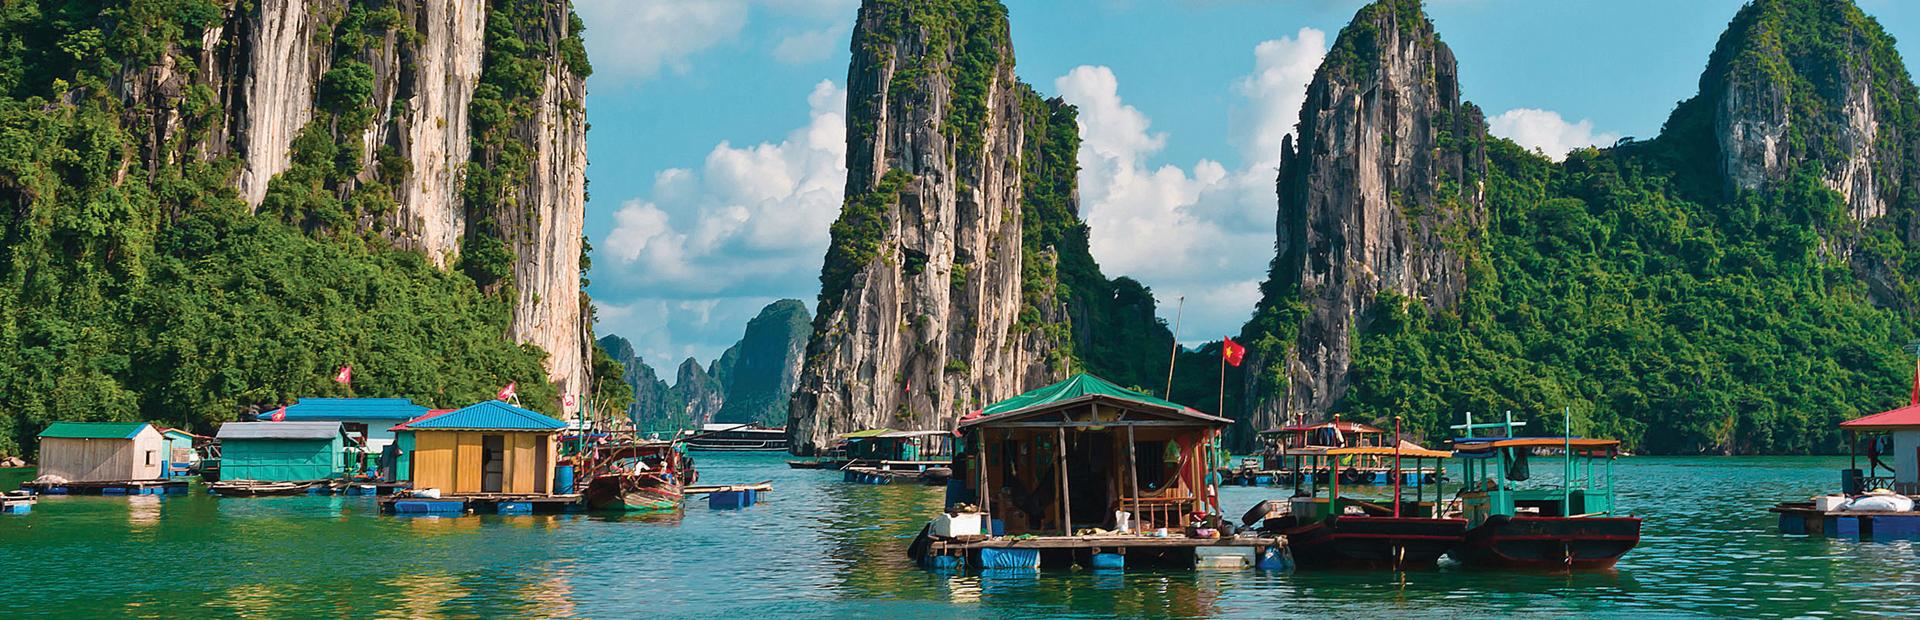 Vietnam_Tour_1920x620